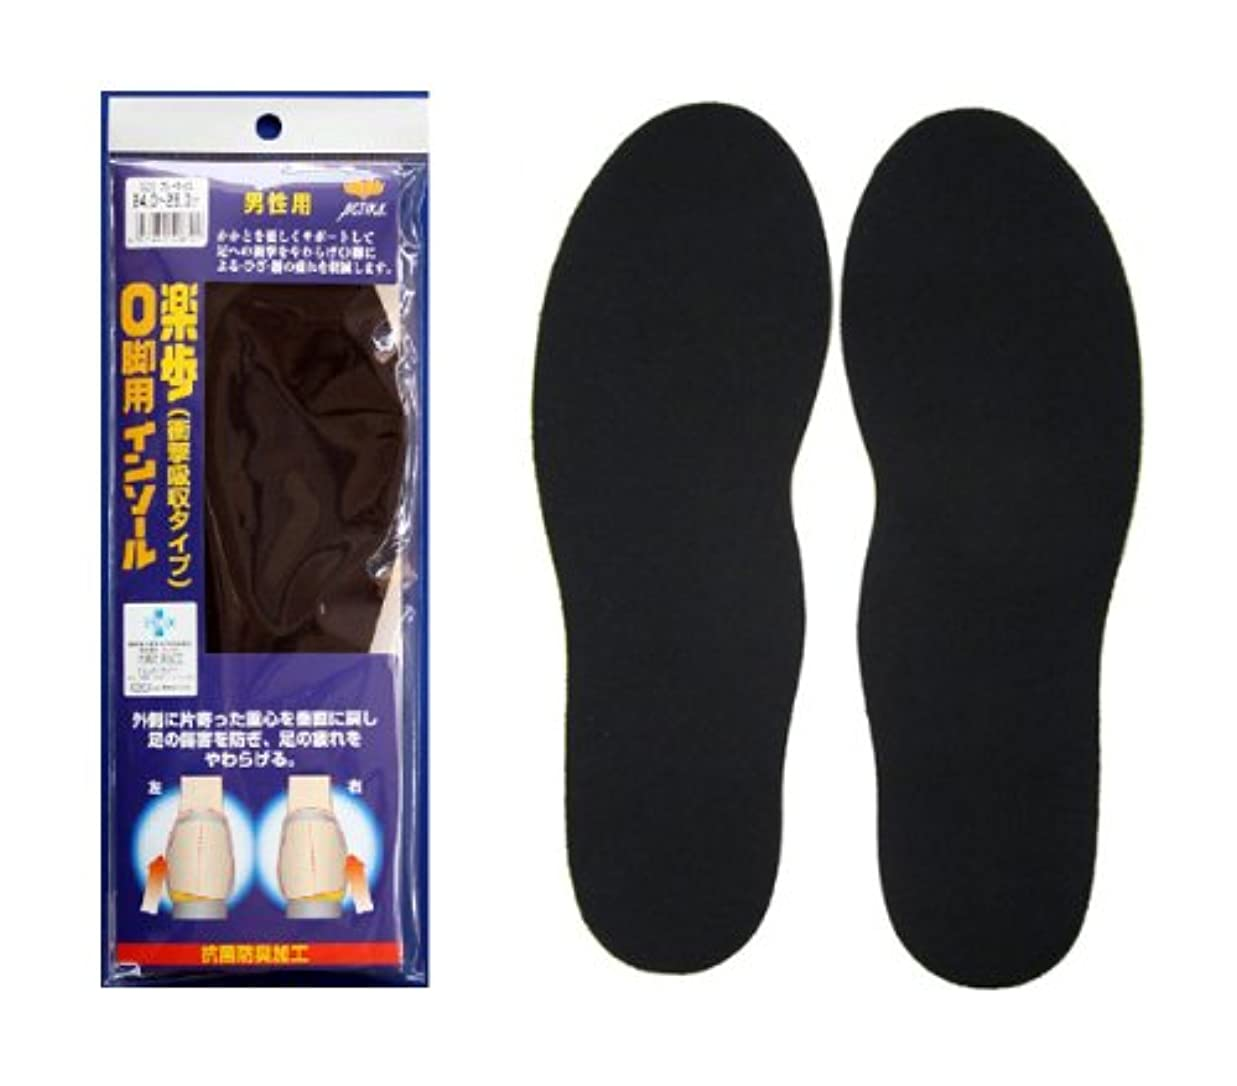 マイコン晩餐構想する楽歩 O脚用インソール 男性用(24.0~28.0cm) 2足セット  No.162